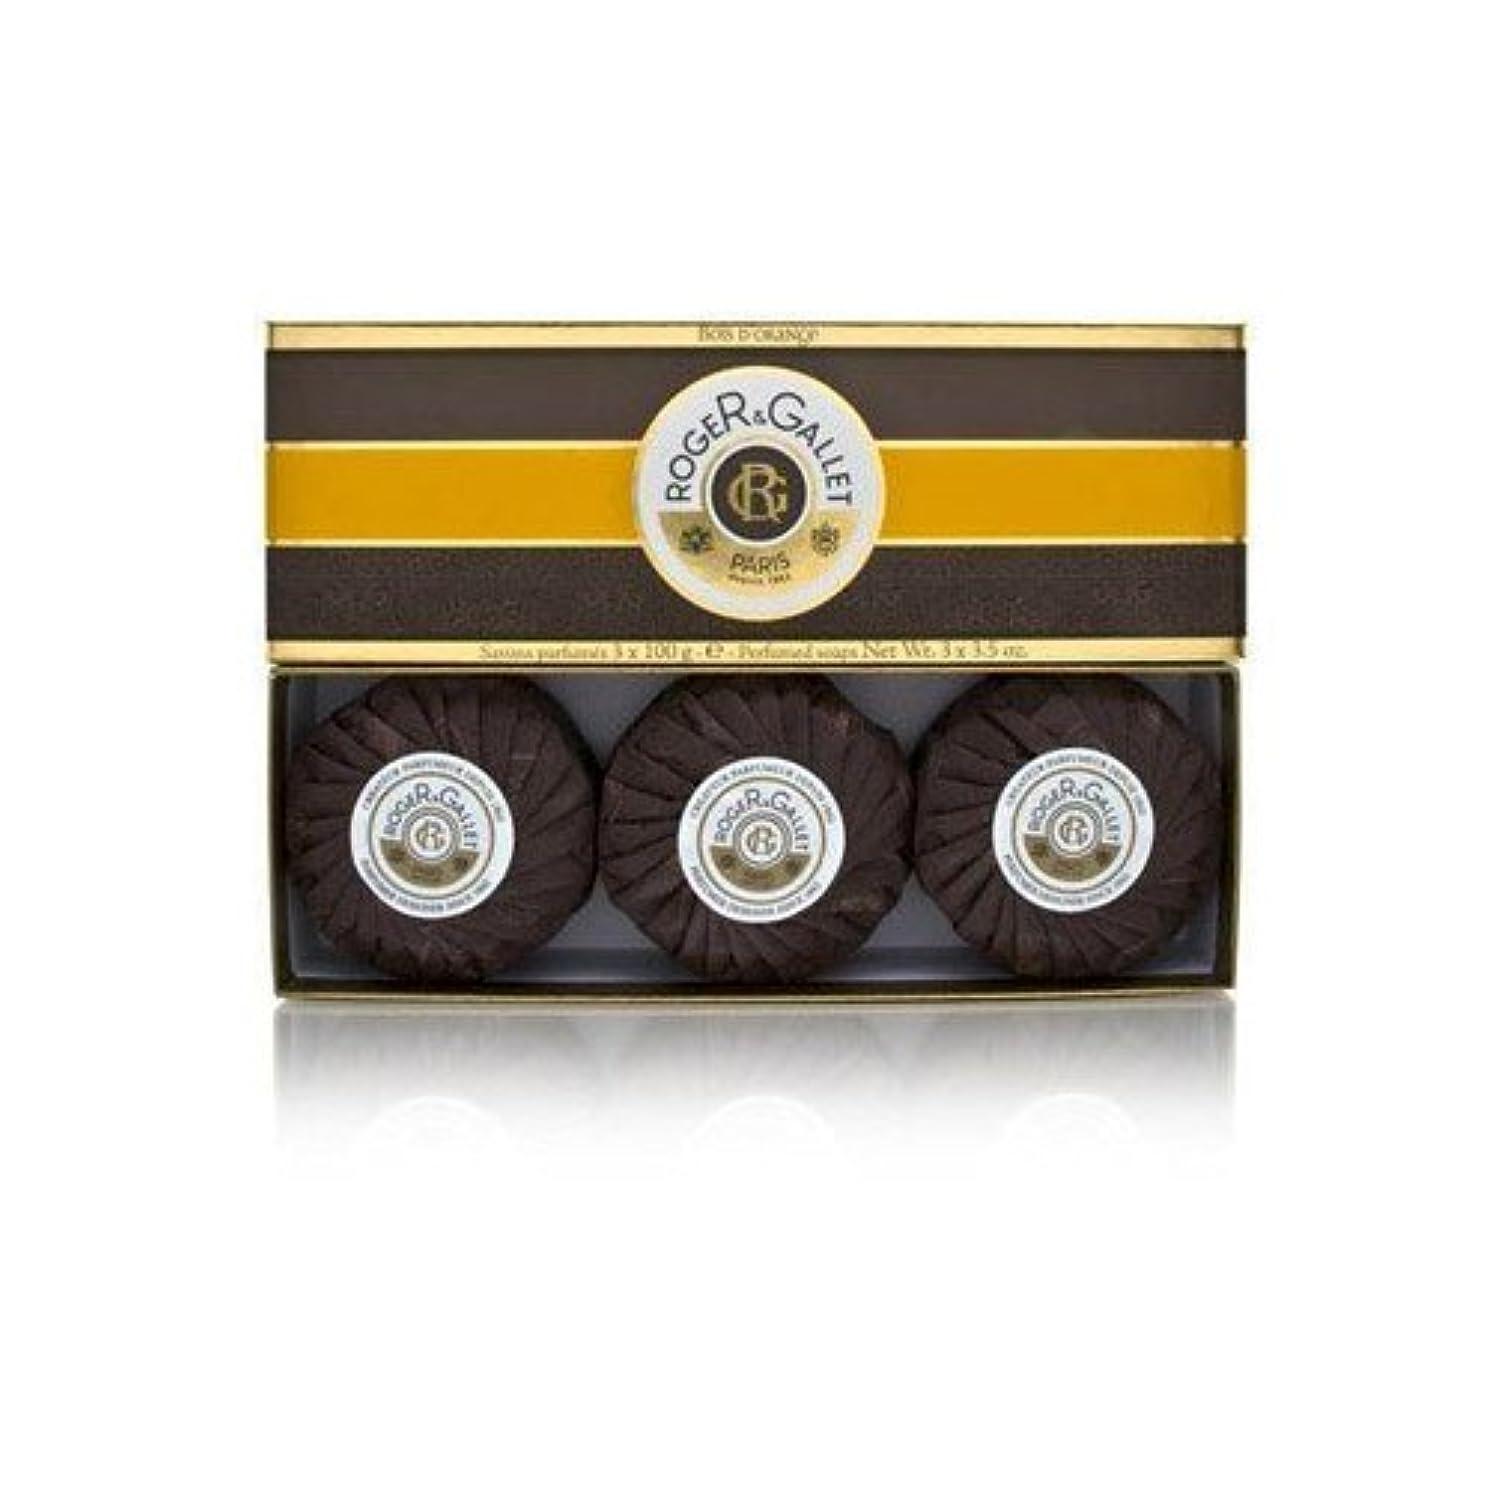 イーウェル私たち自身工業用ロジェガレ ボワ ドランジュ (オレンジツリー) 香水石鹸3個セット ROGER&GALLET BOIS D'ORANGE PERFUMED SOAP [0161]